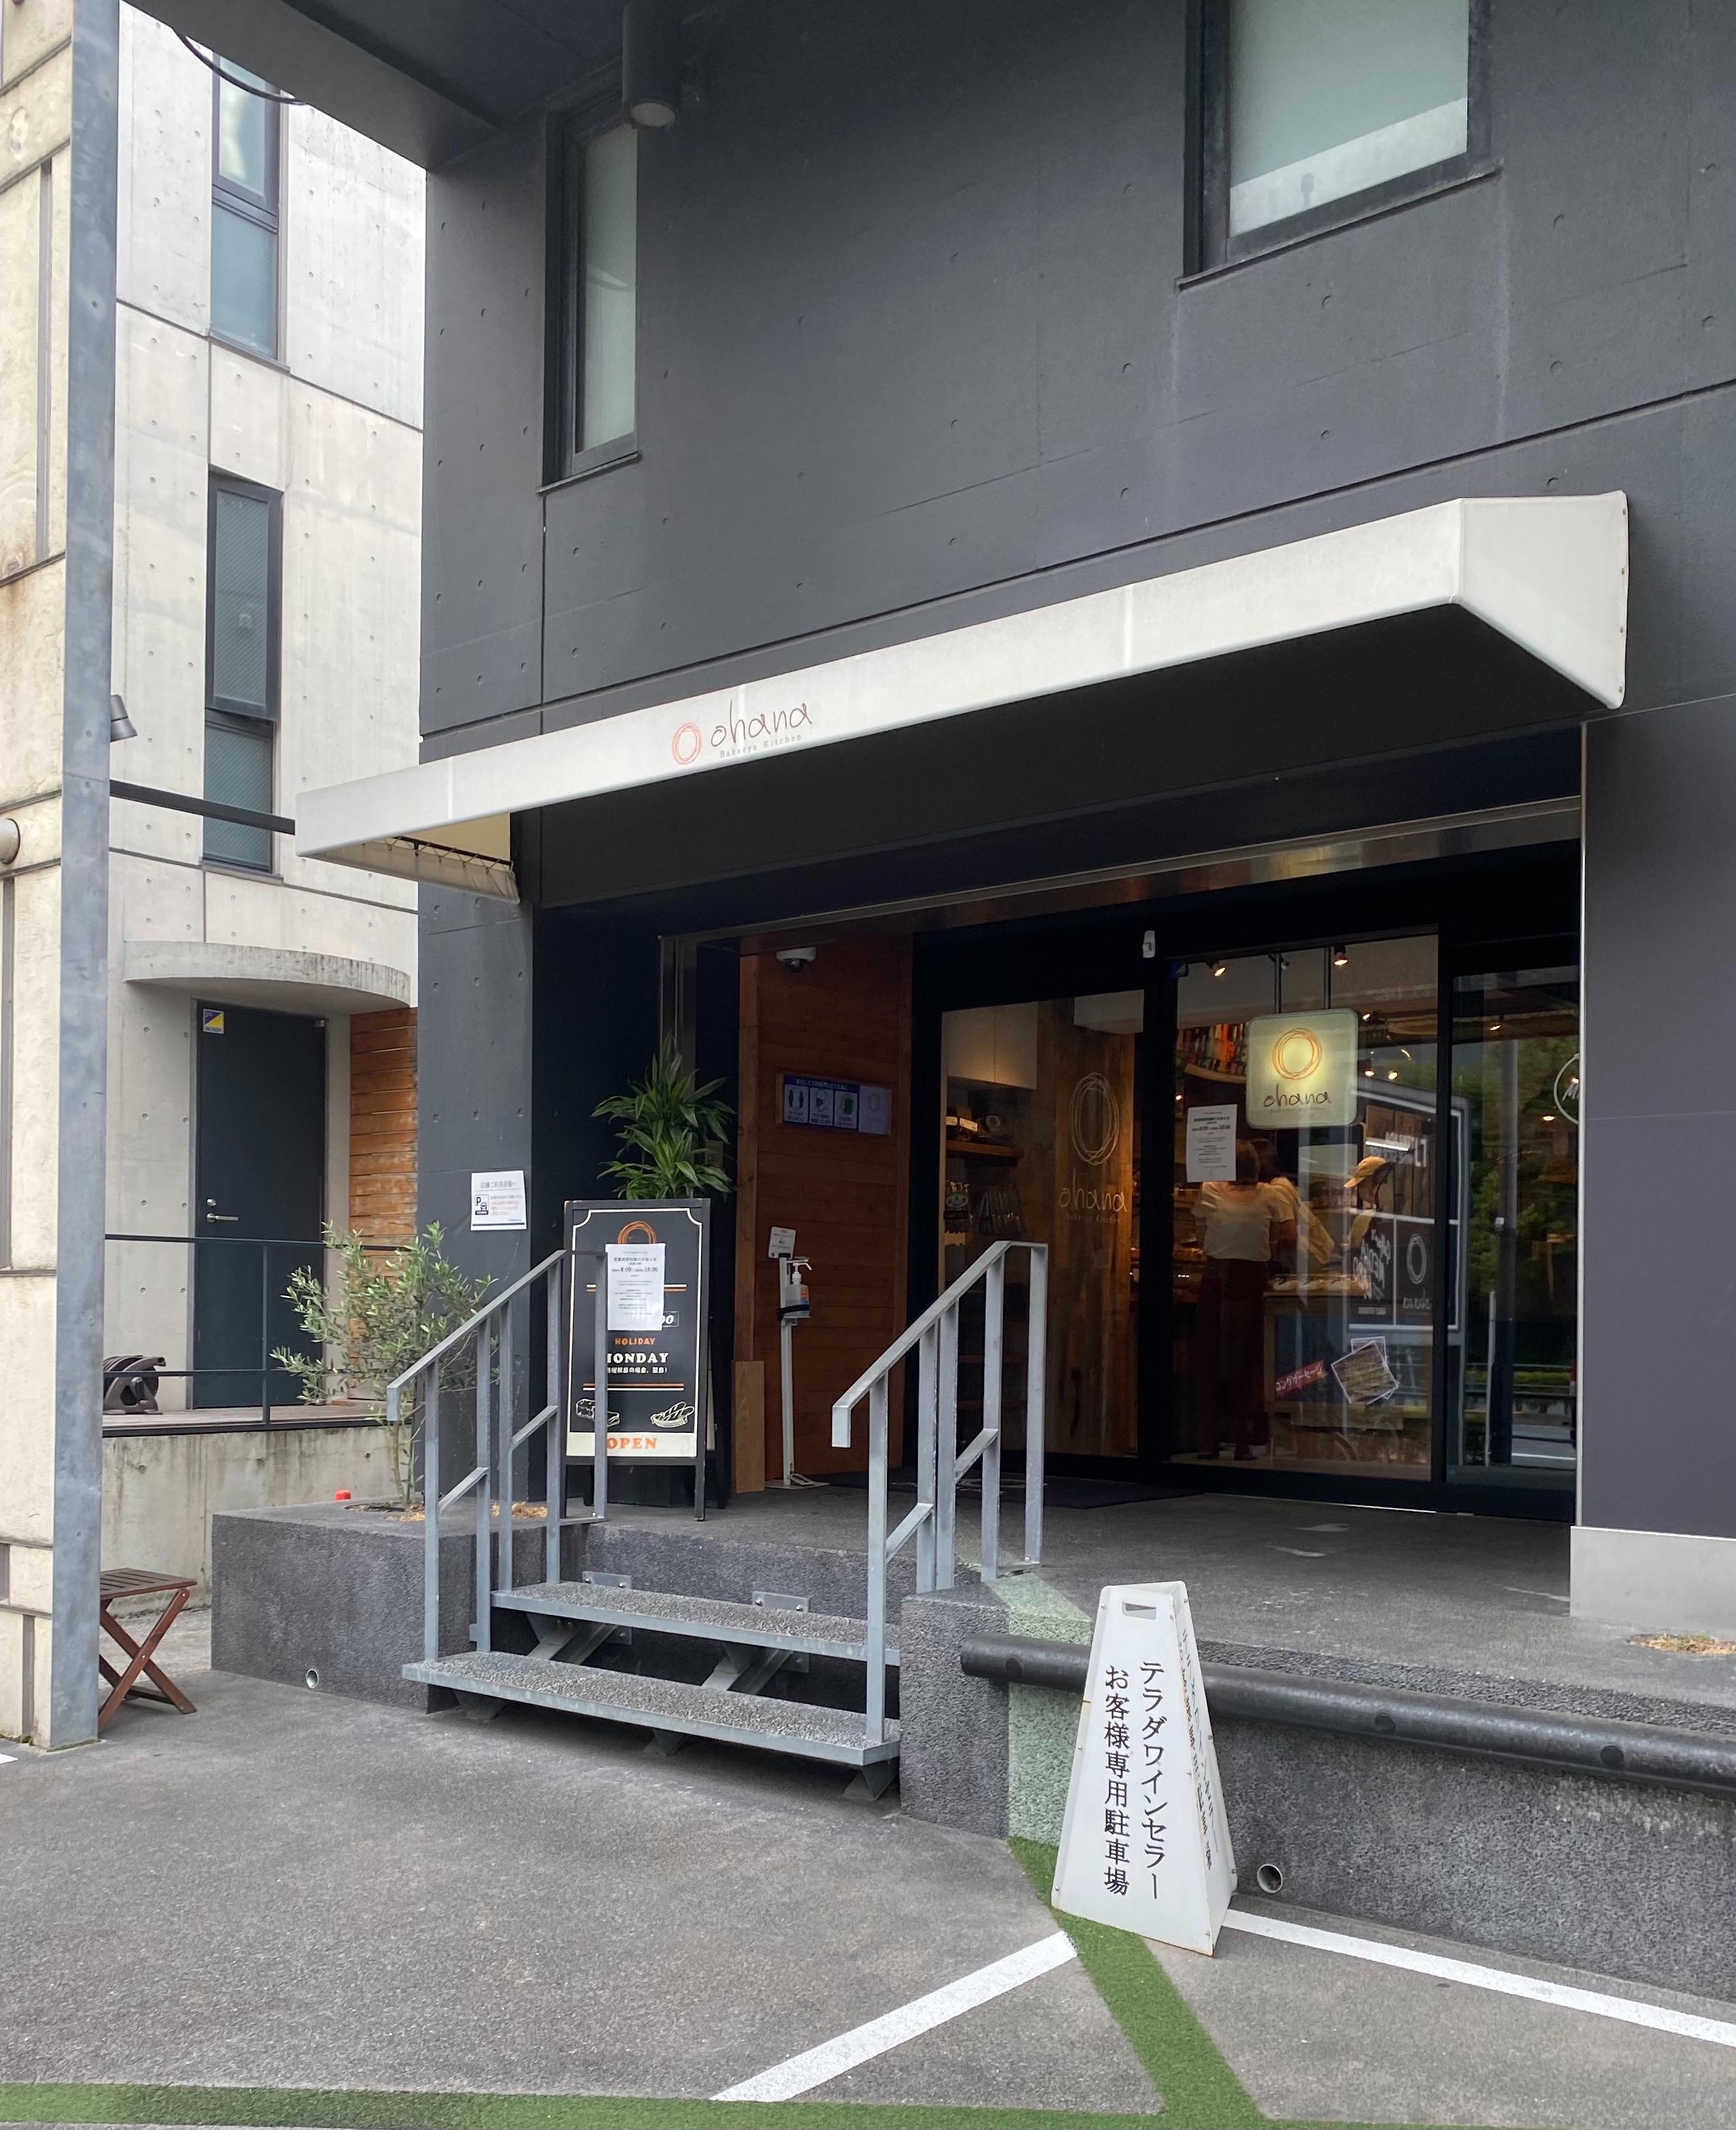 f:id:kurunotekuko:20210831210131j:image